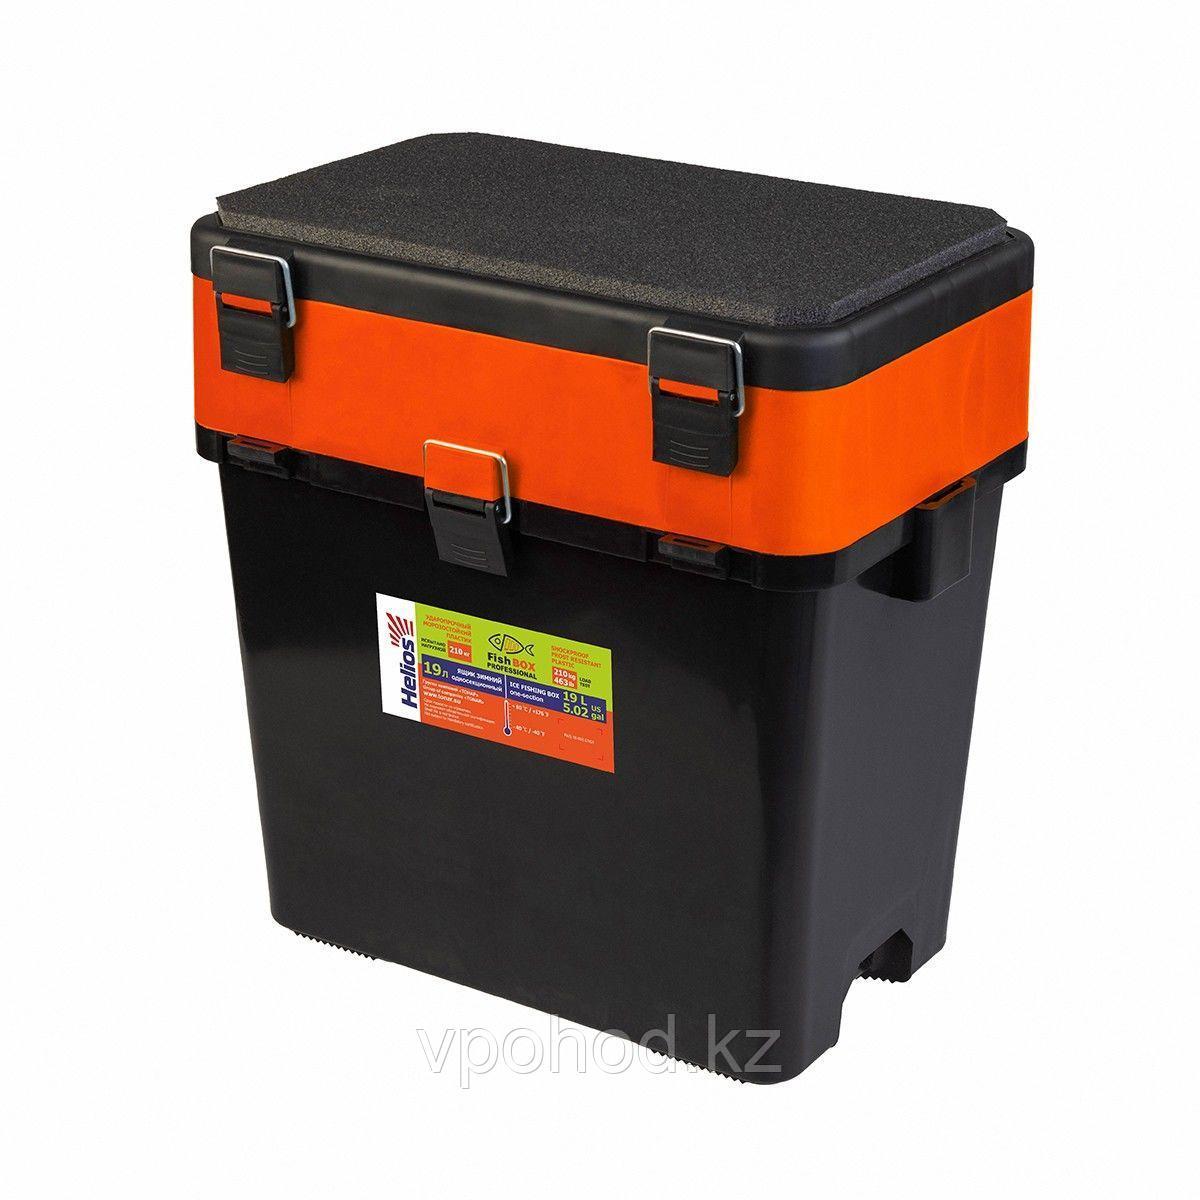 Ящик для зимней рыбалки Helios FishBox